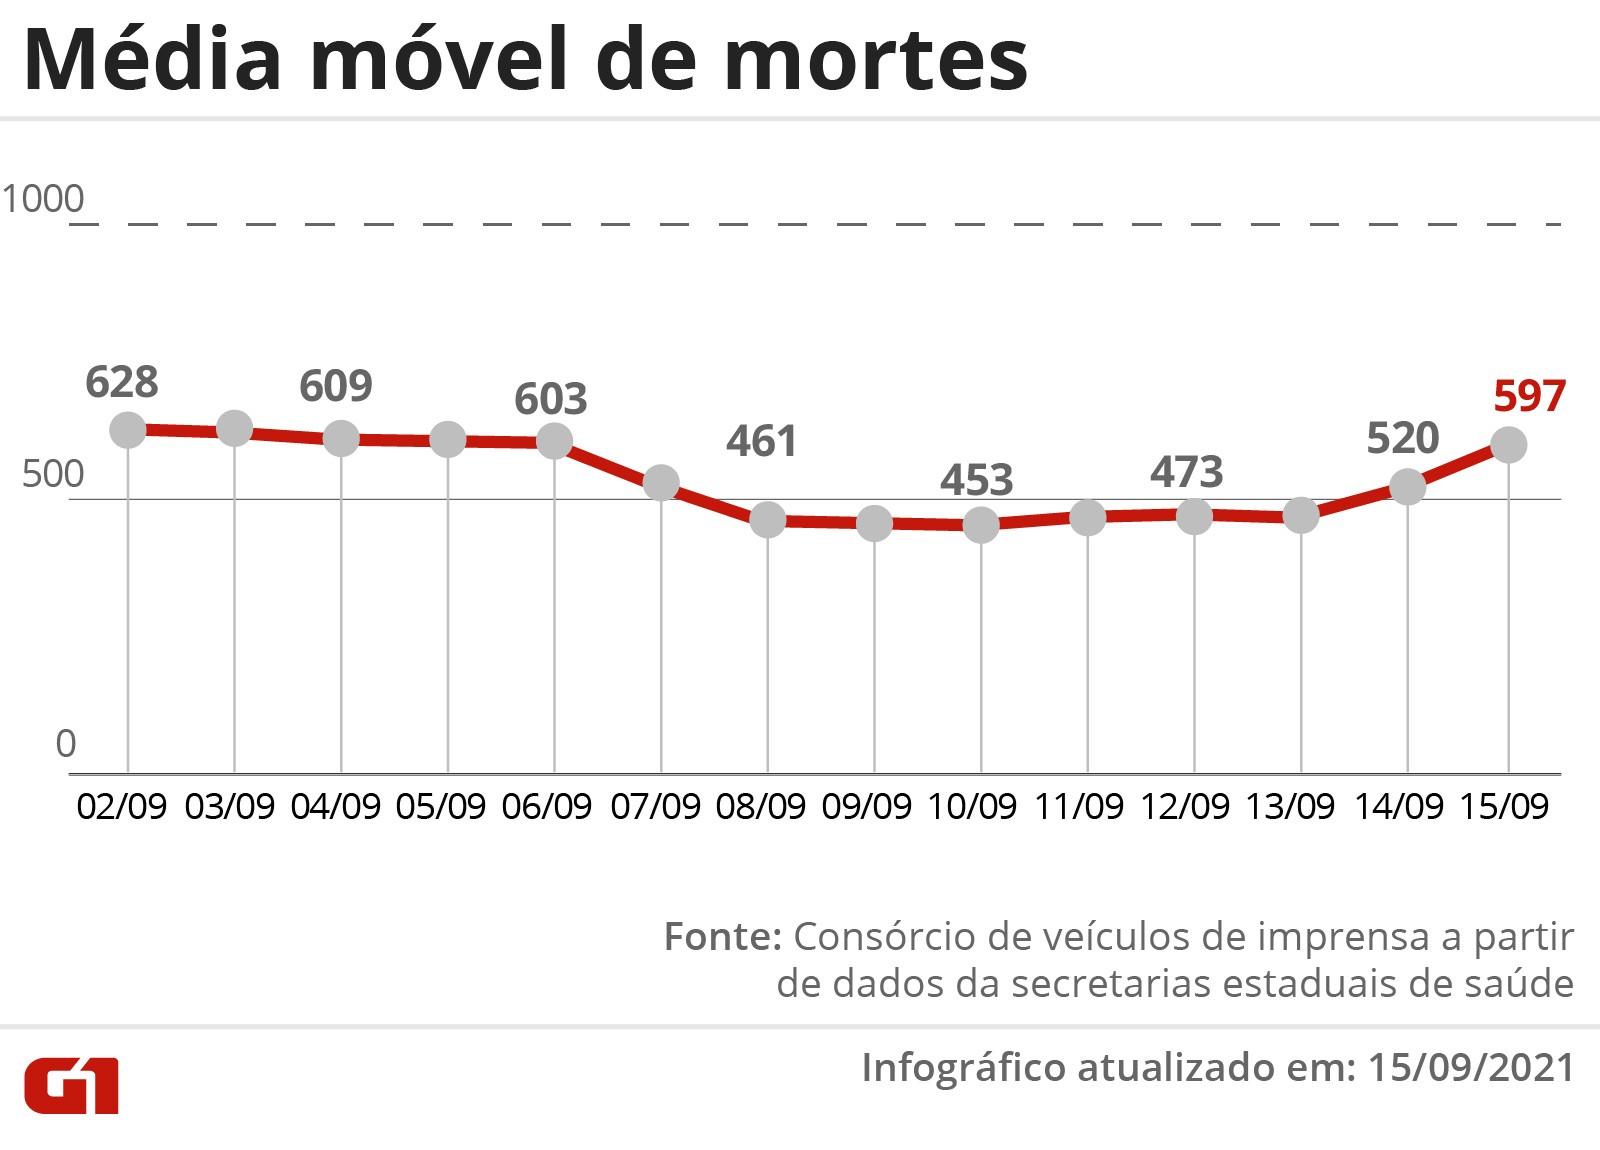 Brasil registra 793 mortes por Covid em 24 horas; média móvel interrompe queda após 22 dias